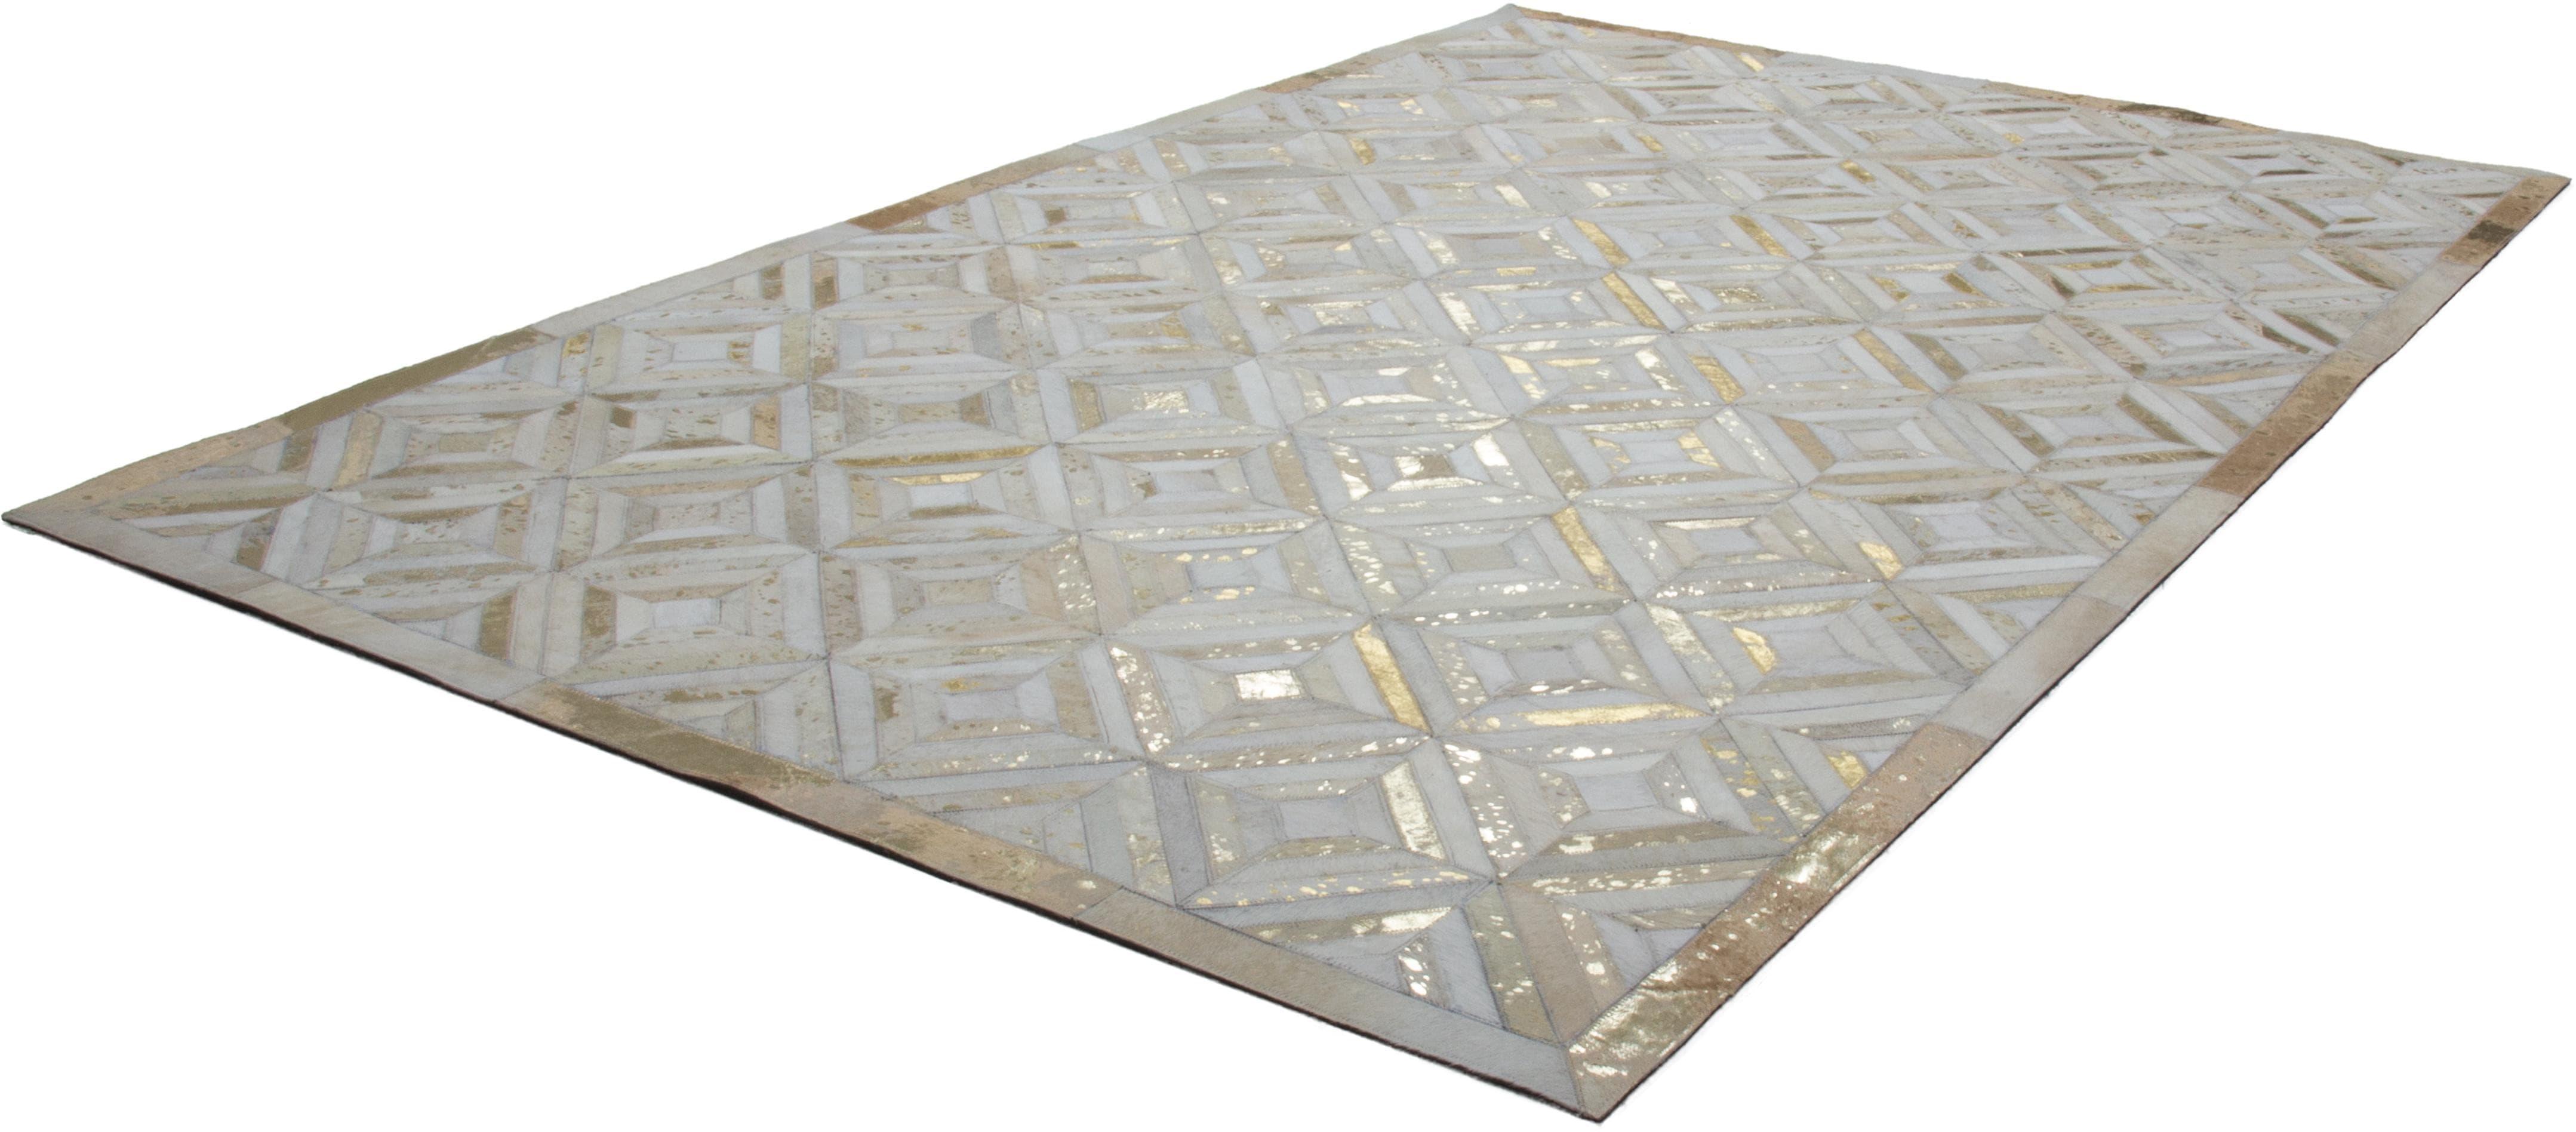 Lederteppich Spark 410 Kayoom rechteckig Höhe 8 mm handgewebt